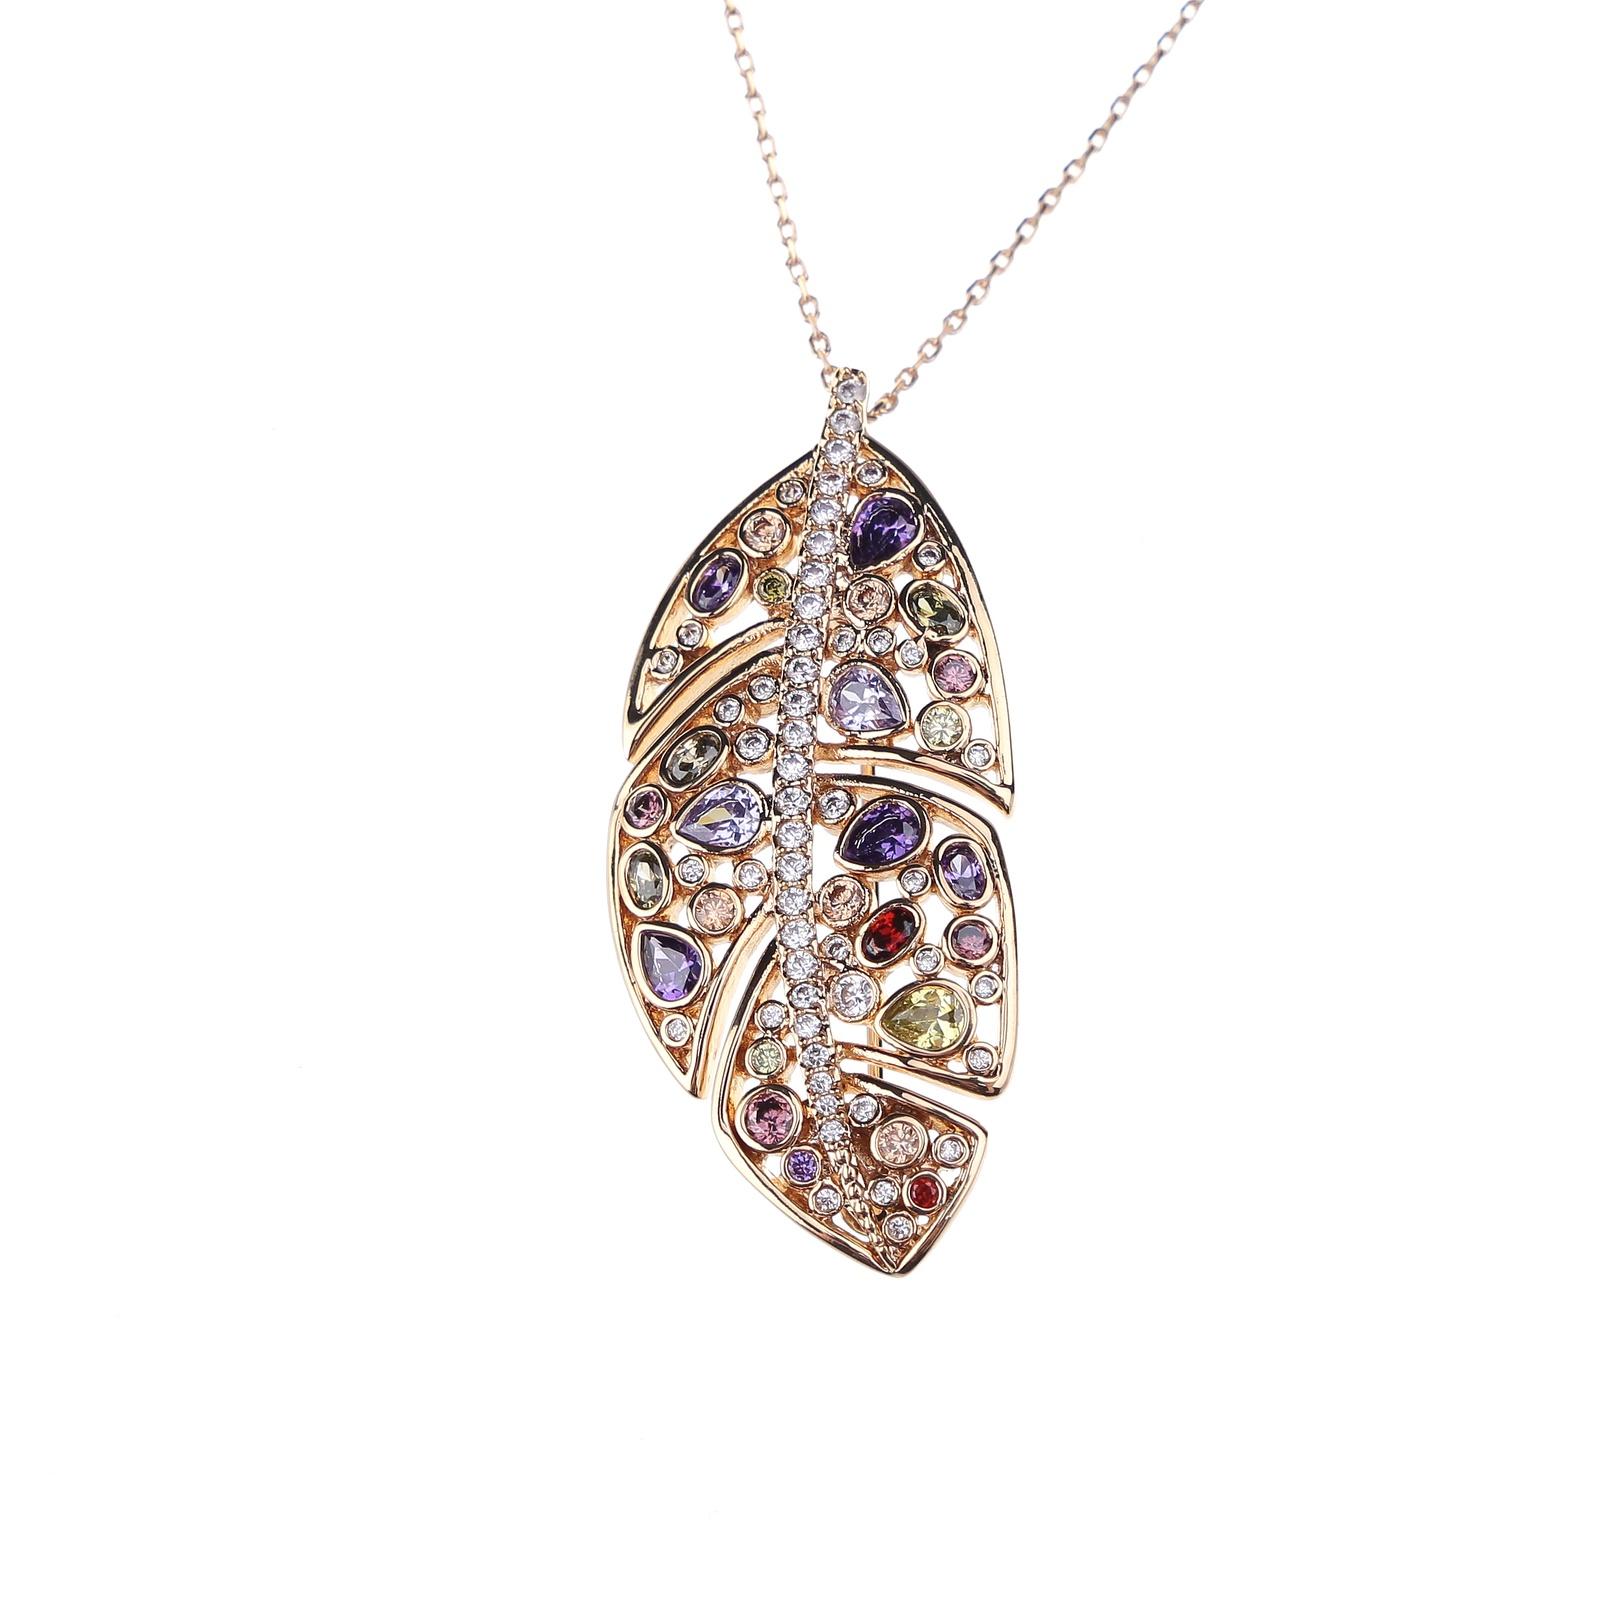 Колье/ожерелье бижутерное Fiore Luna 15A13NK022AV02 BR, Гипоаллергенный сплав, Муранское стекло, 40 см, бежевый, белый, желтый, красный, фиолетовый